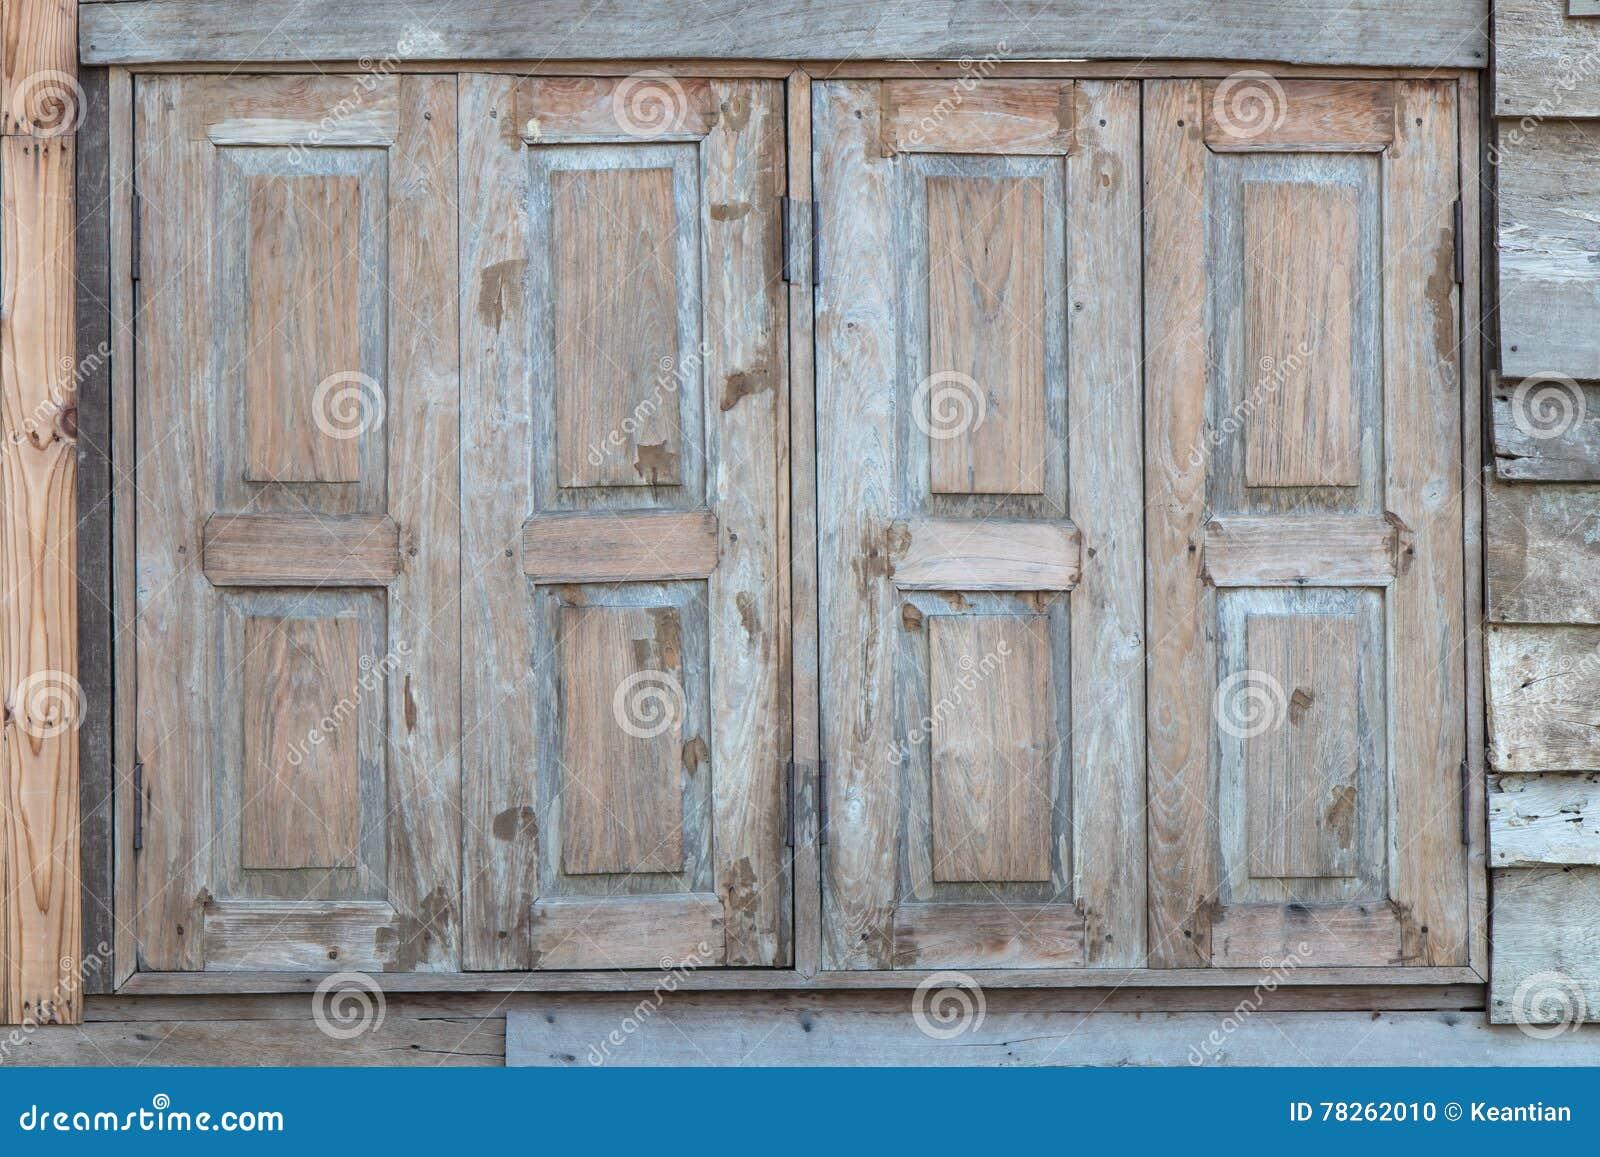 Porte e finestre di legno antiche fotografia stock immagine di retro nero 78262010 - Finestre di legno ...